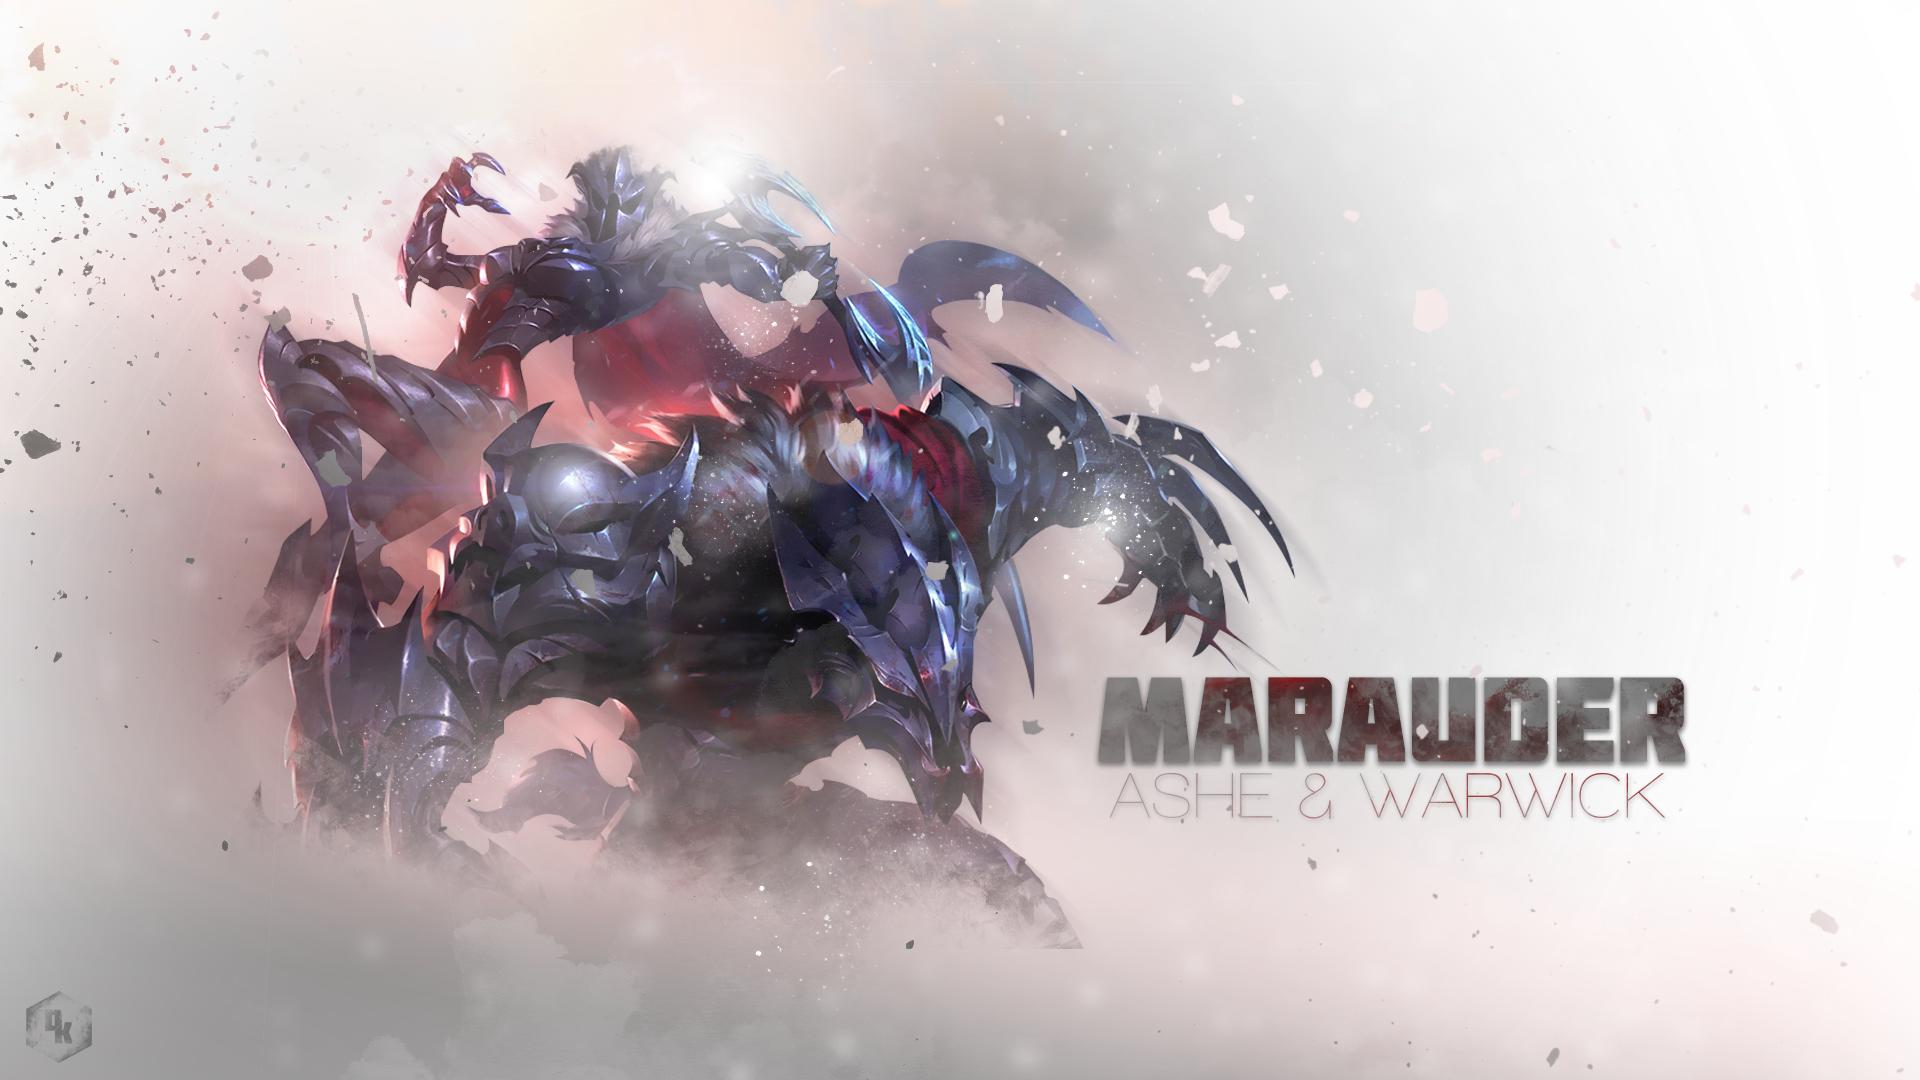 Marauder Ashe & Warwick wallpaper